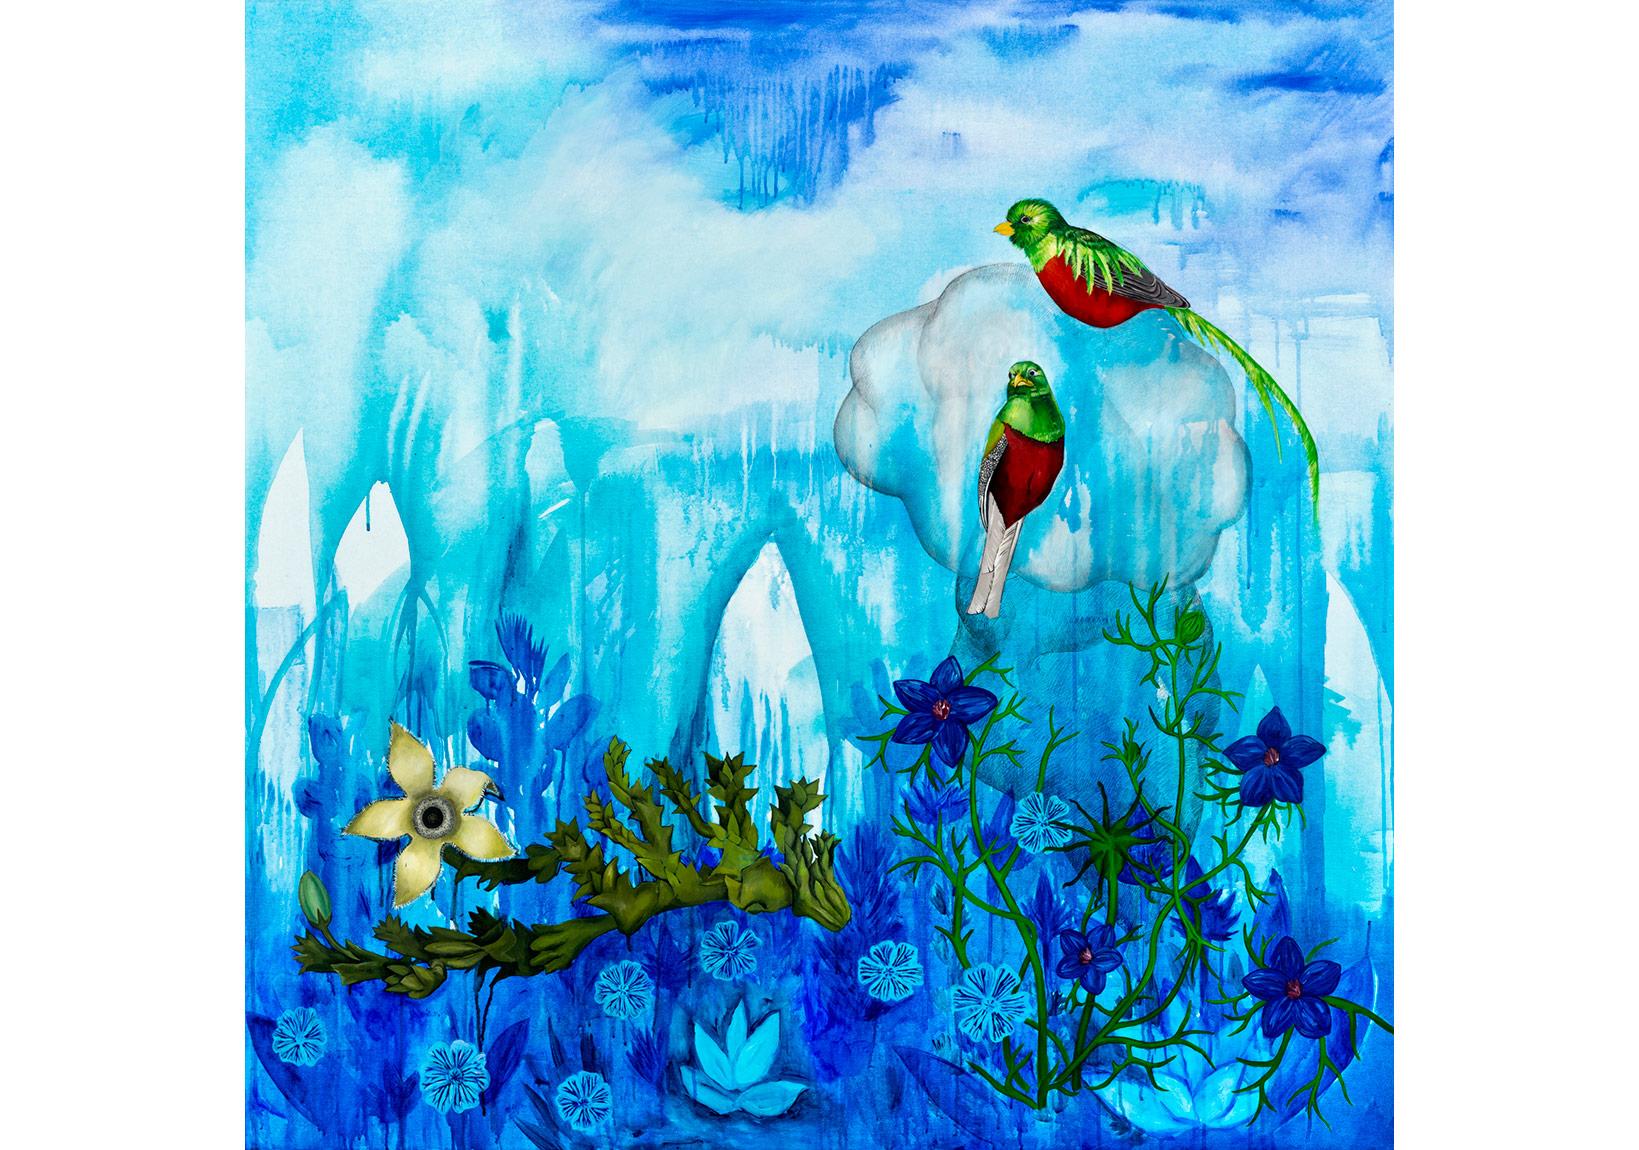 Ekin Saçlıoğlu, Yeni Dünya - Bulut, tuval üzerine akrilik, 150 x 150 cm, 2015